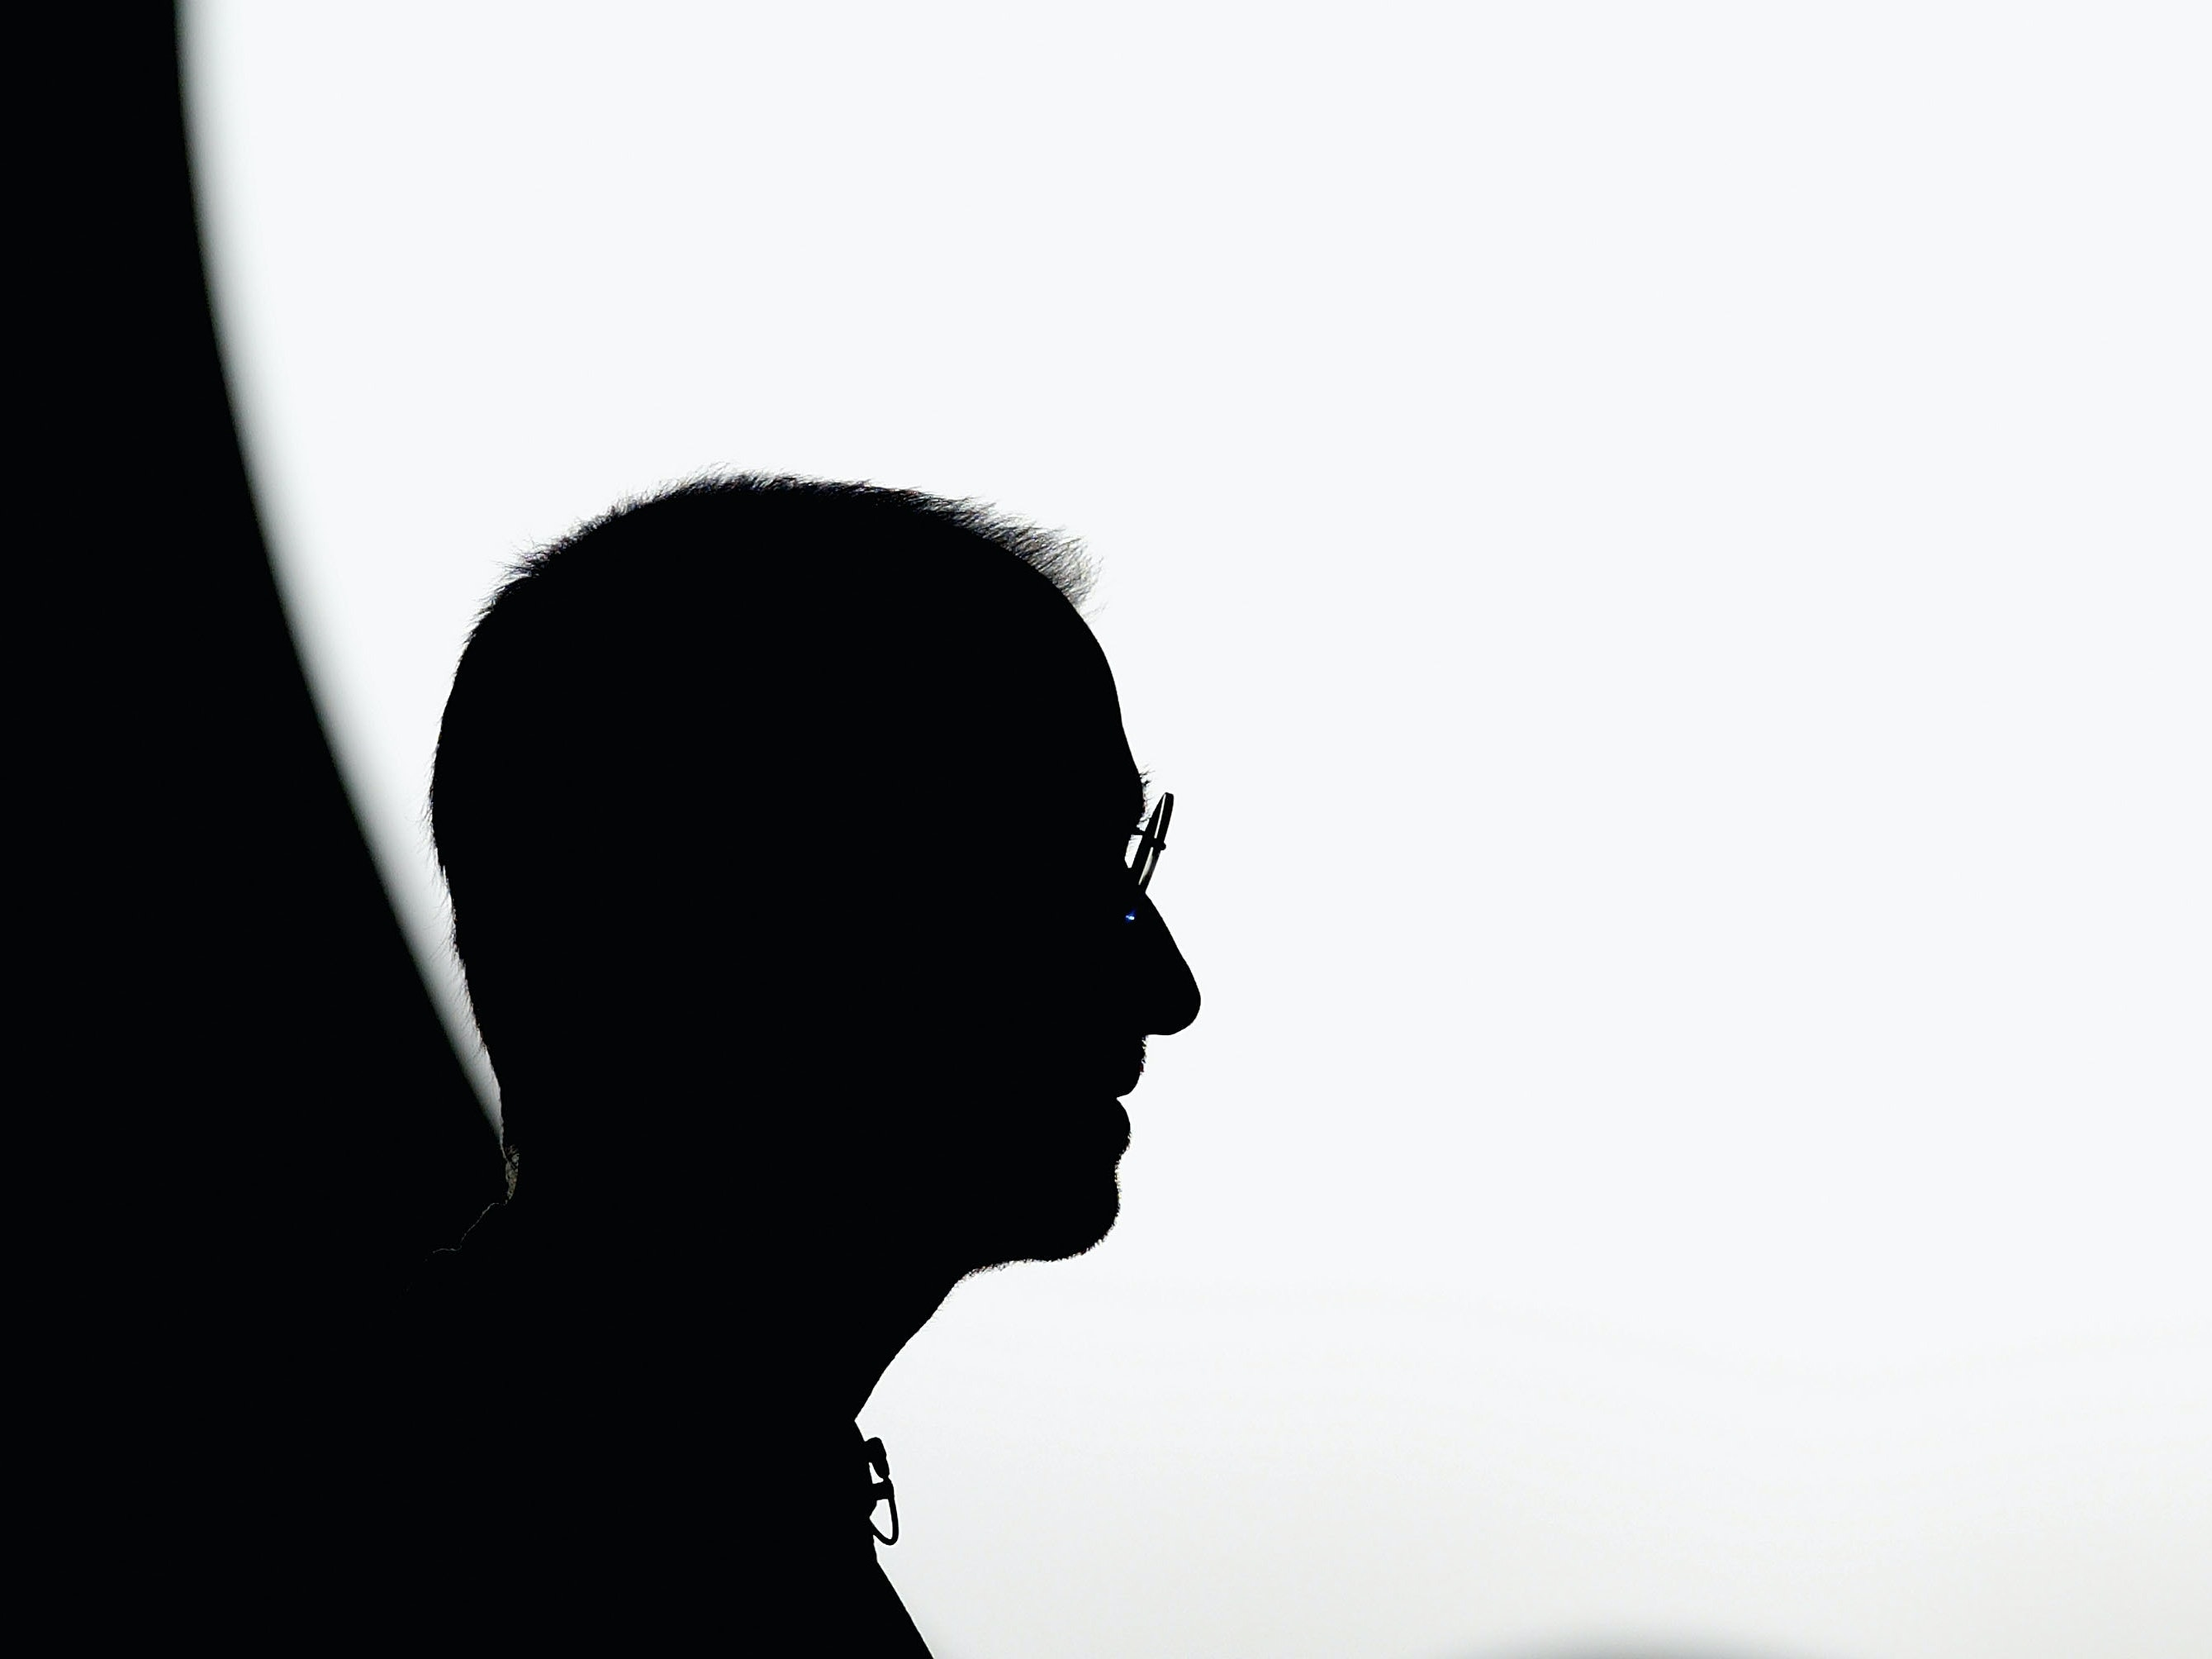 Steve Jobs in 2004.